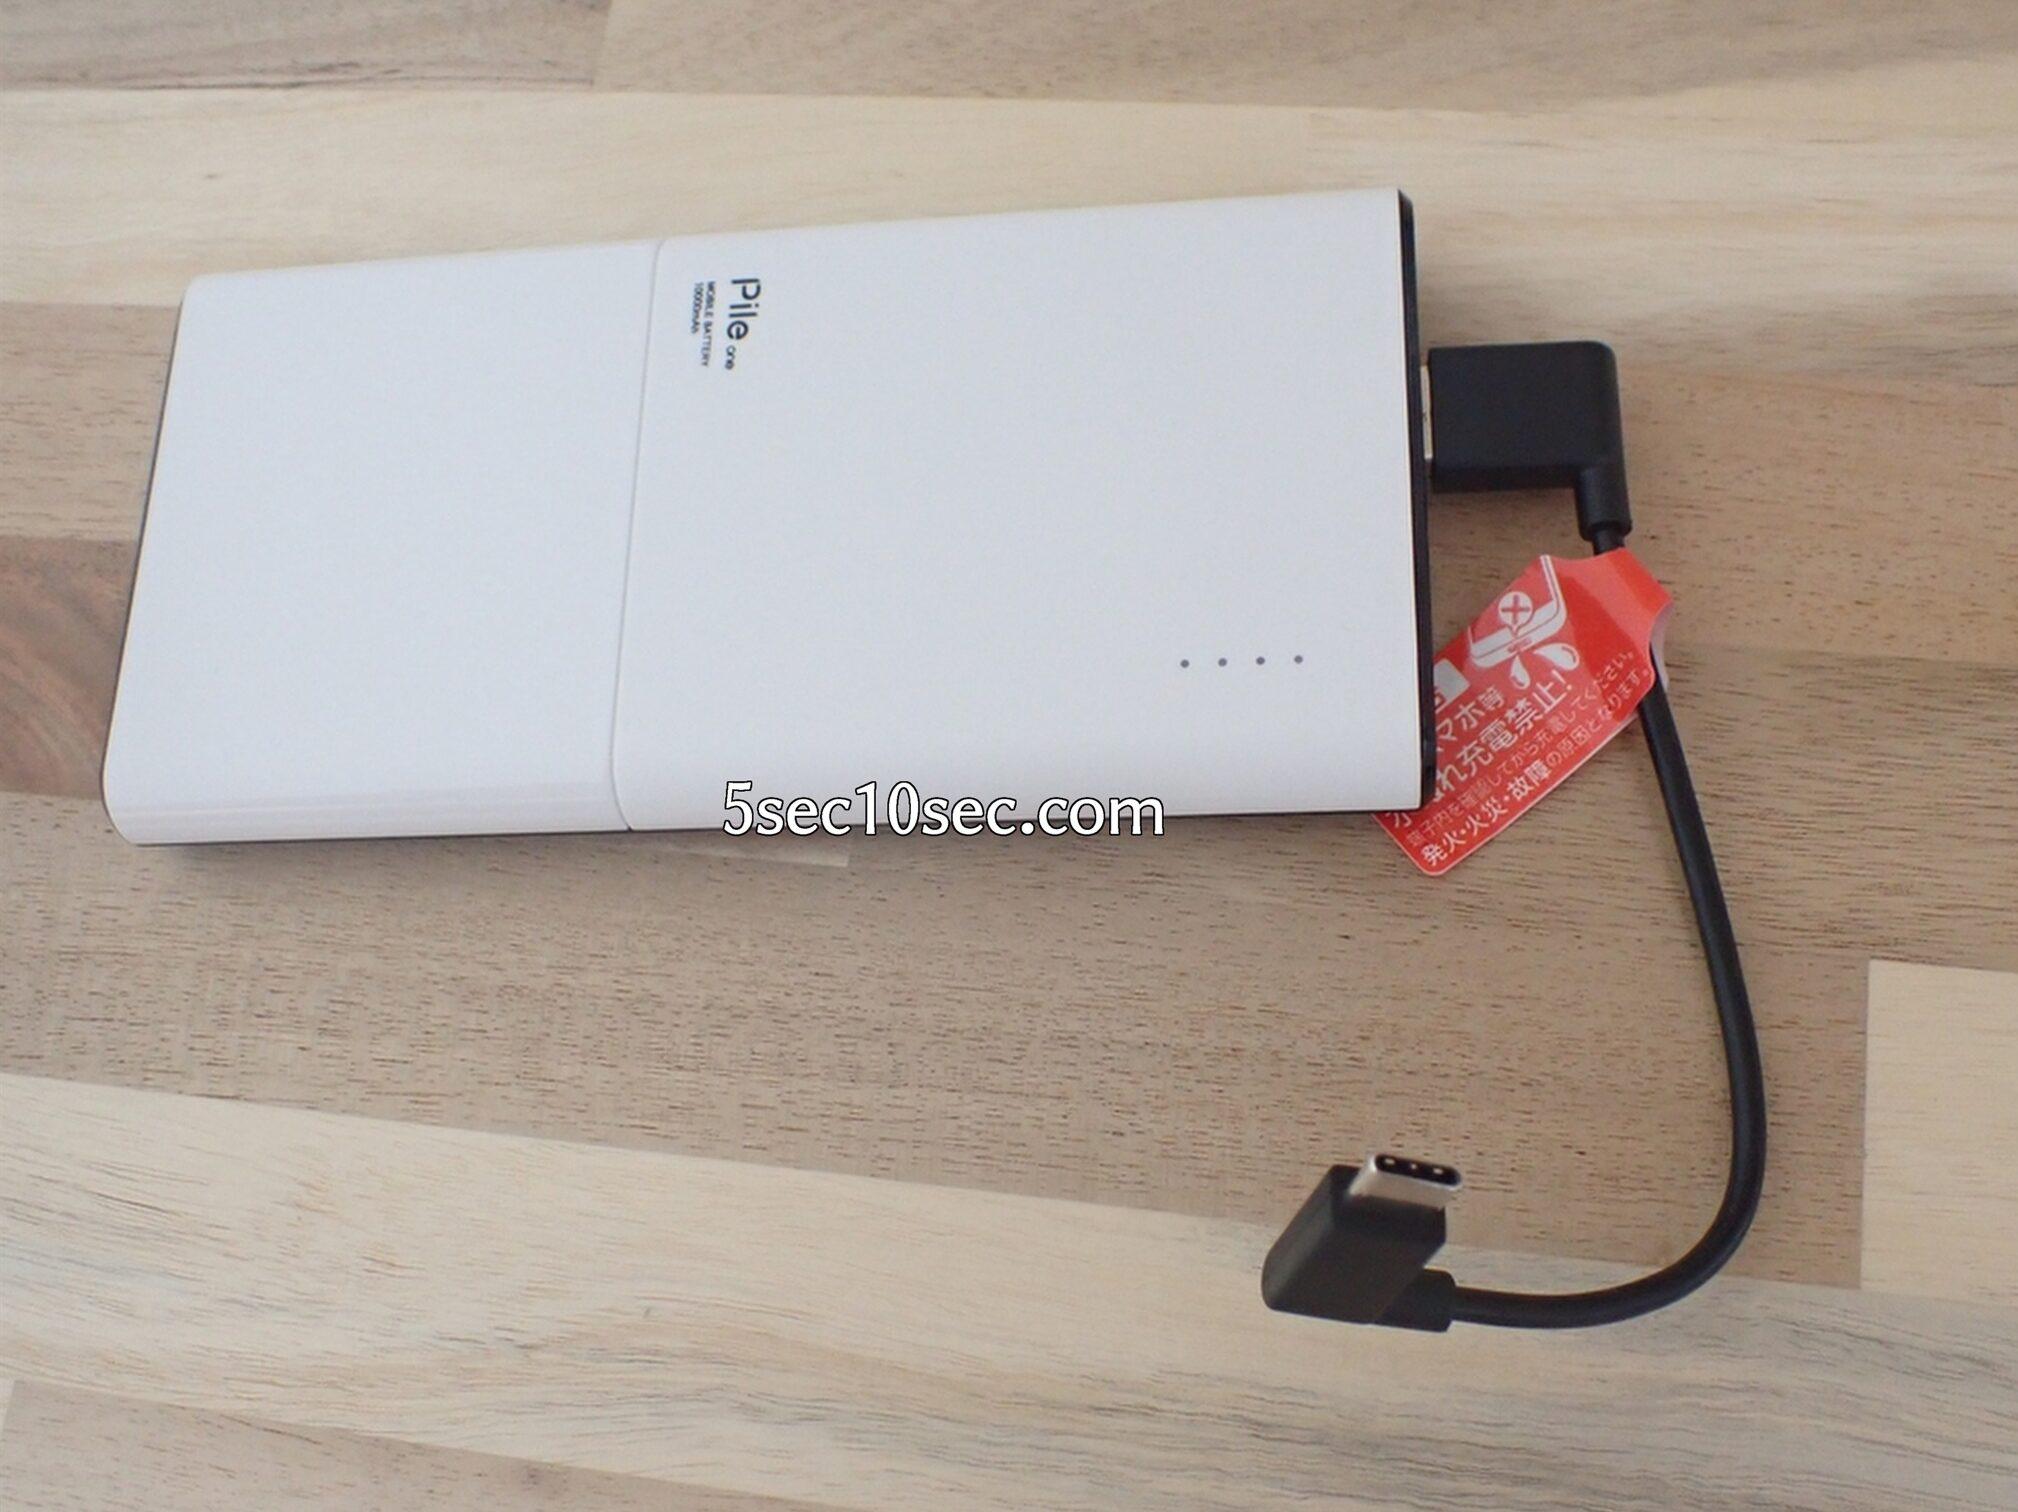 エレコム モバイルバッテリー Pile one Type-Cポート搭載 10000mAh 大容量 4.8A出力 DE-M08-N10048WH モバイルバッテリーからスマホなど端末への充電はモバイルバッテリー側にはUSB-Aケーブルを挿します